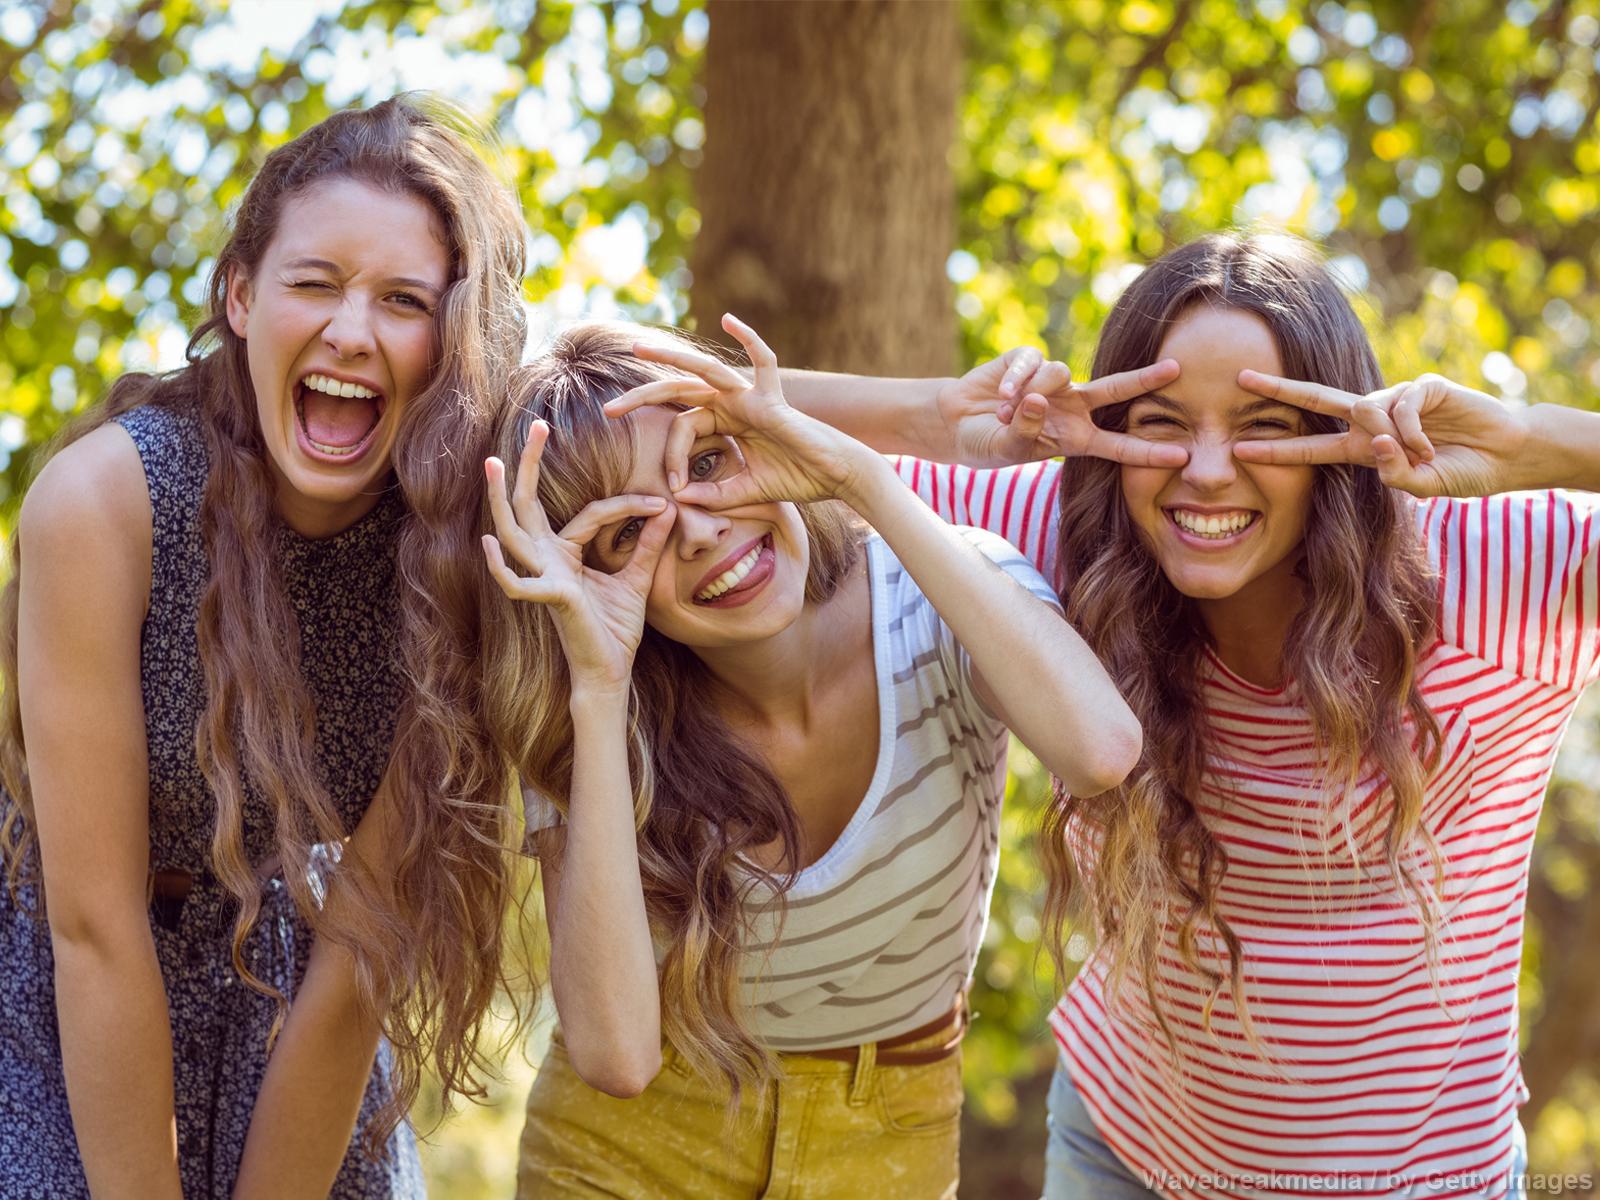 O Que é Amizade E Quais São As Suas Caracteristicas